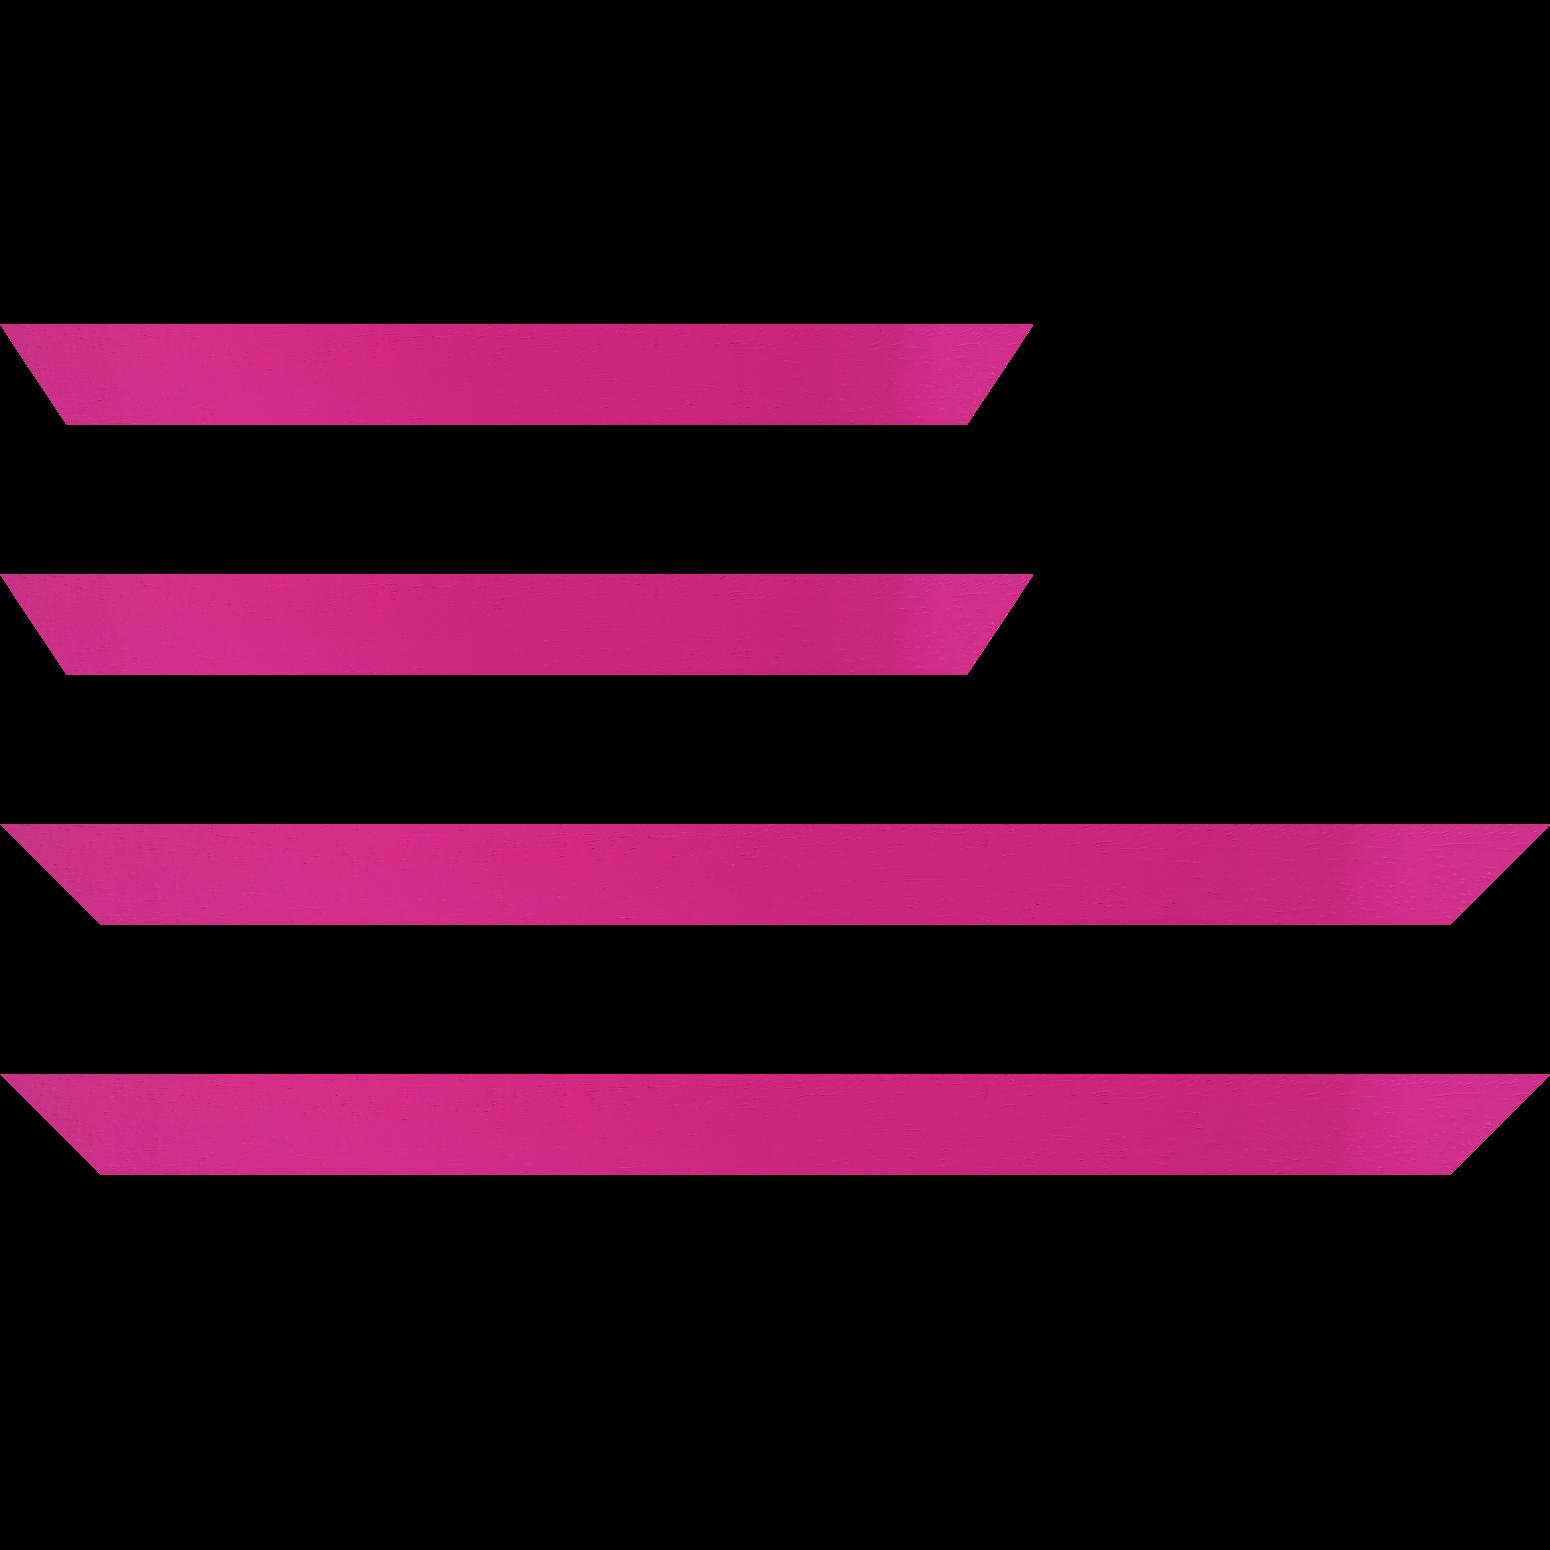 Baguette service précoupé Bois profil plat largeur 3cm couleur rose fushia satiné